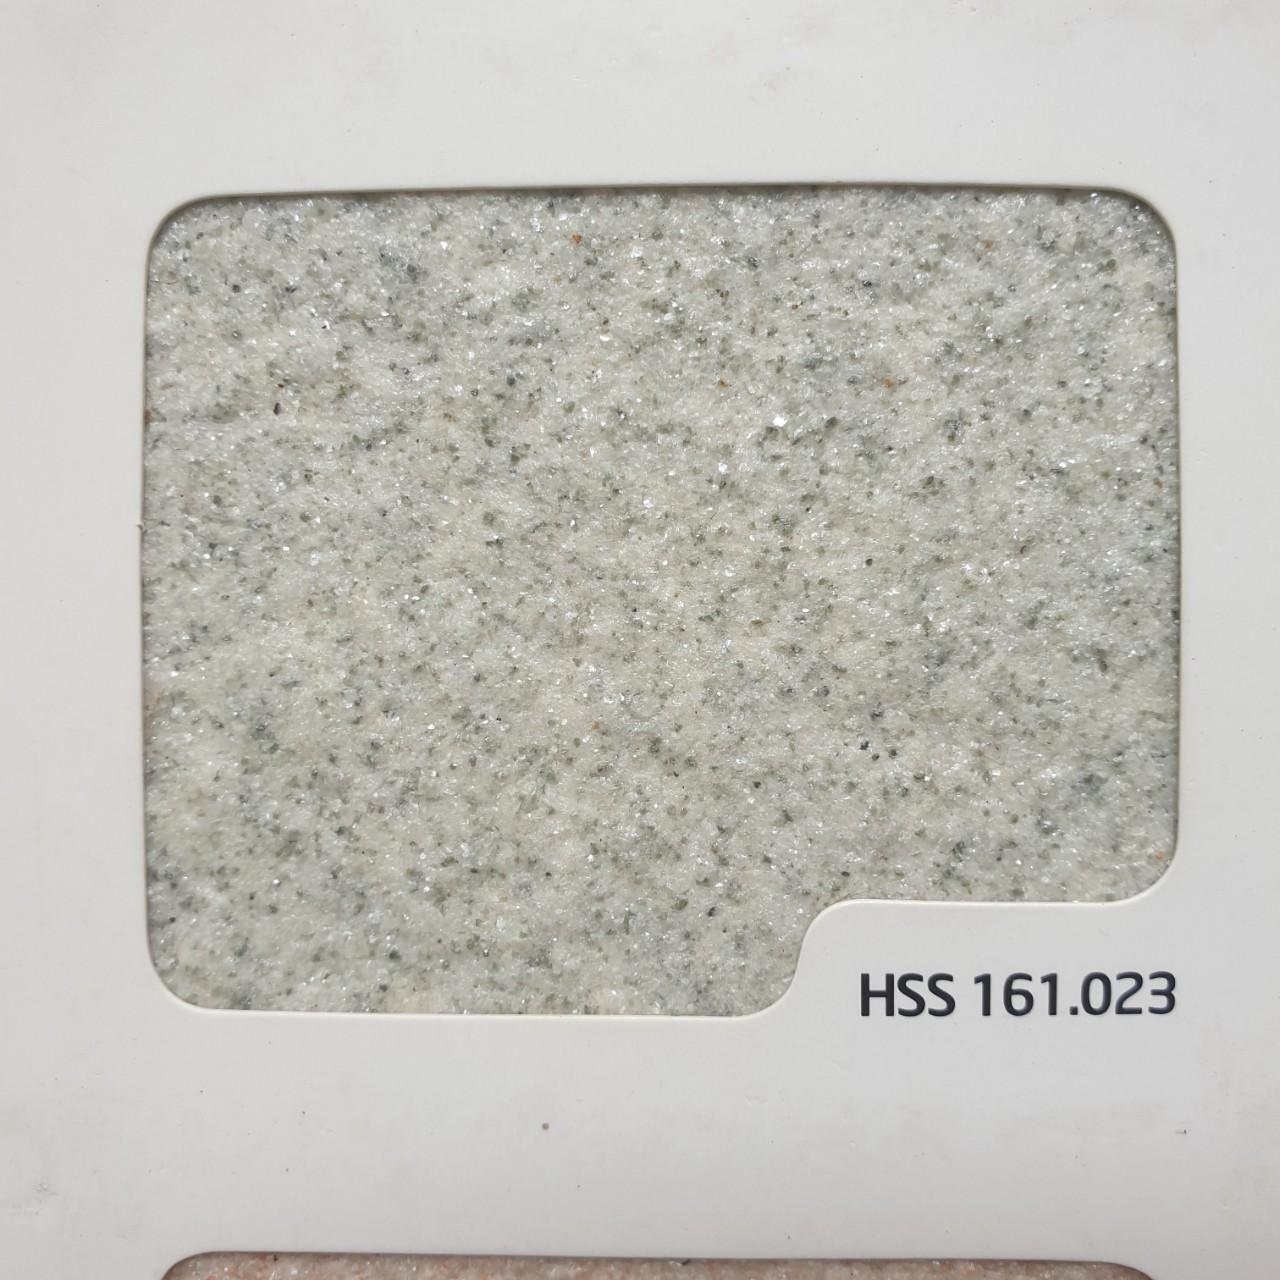 SƠN ĐA SẮC HGS 161.023